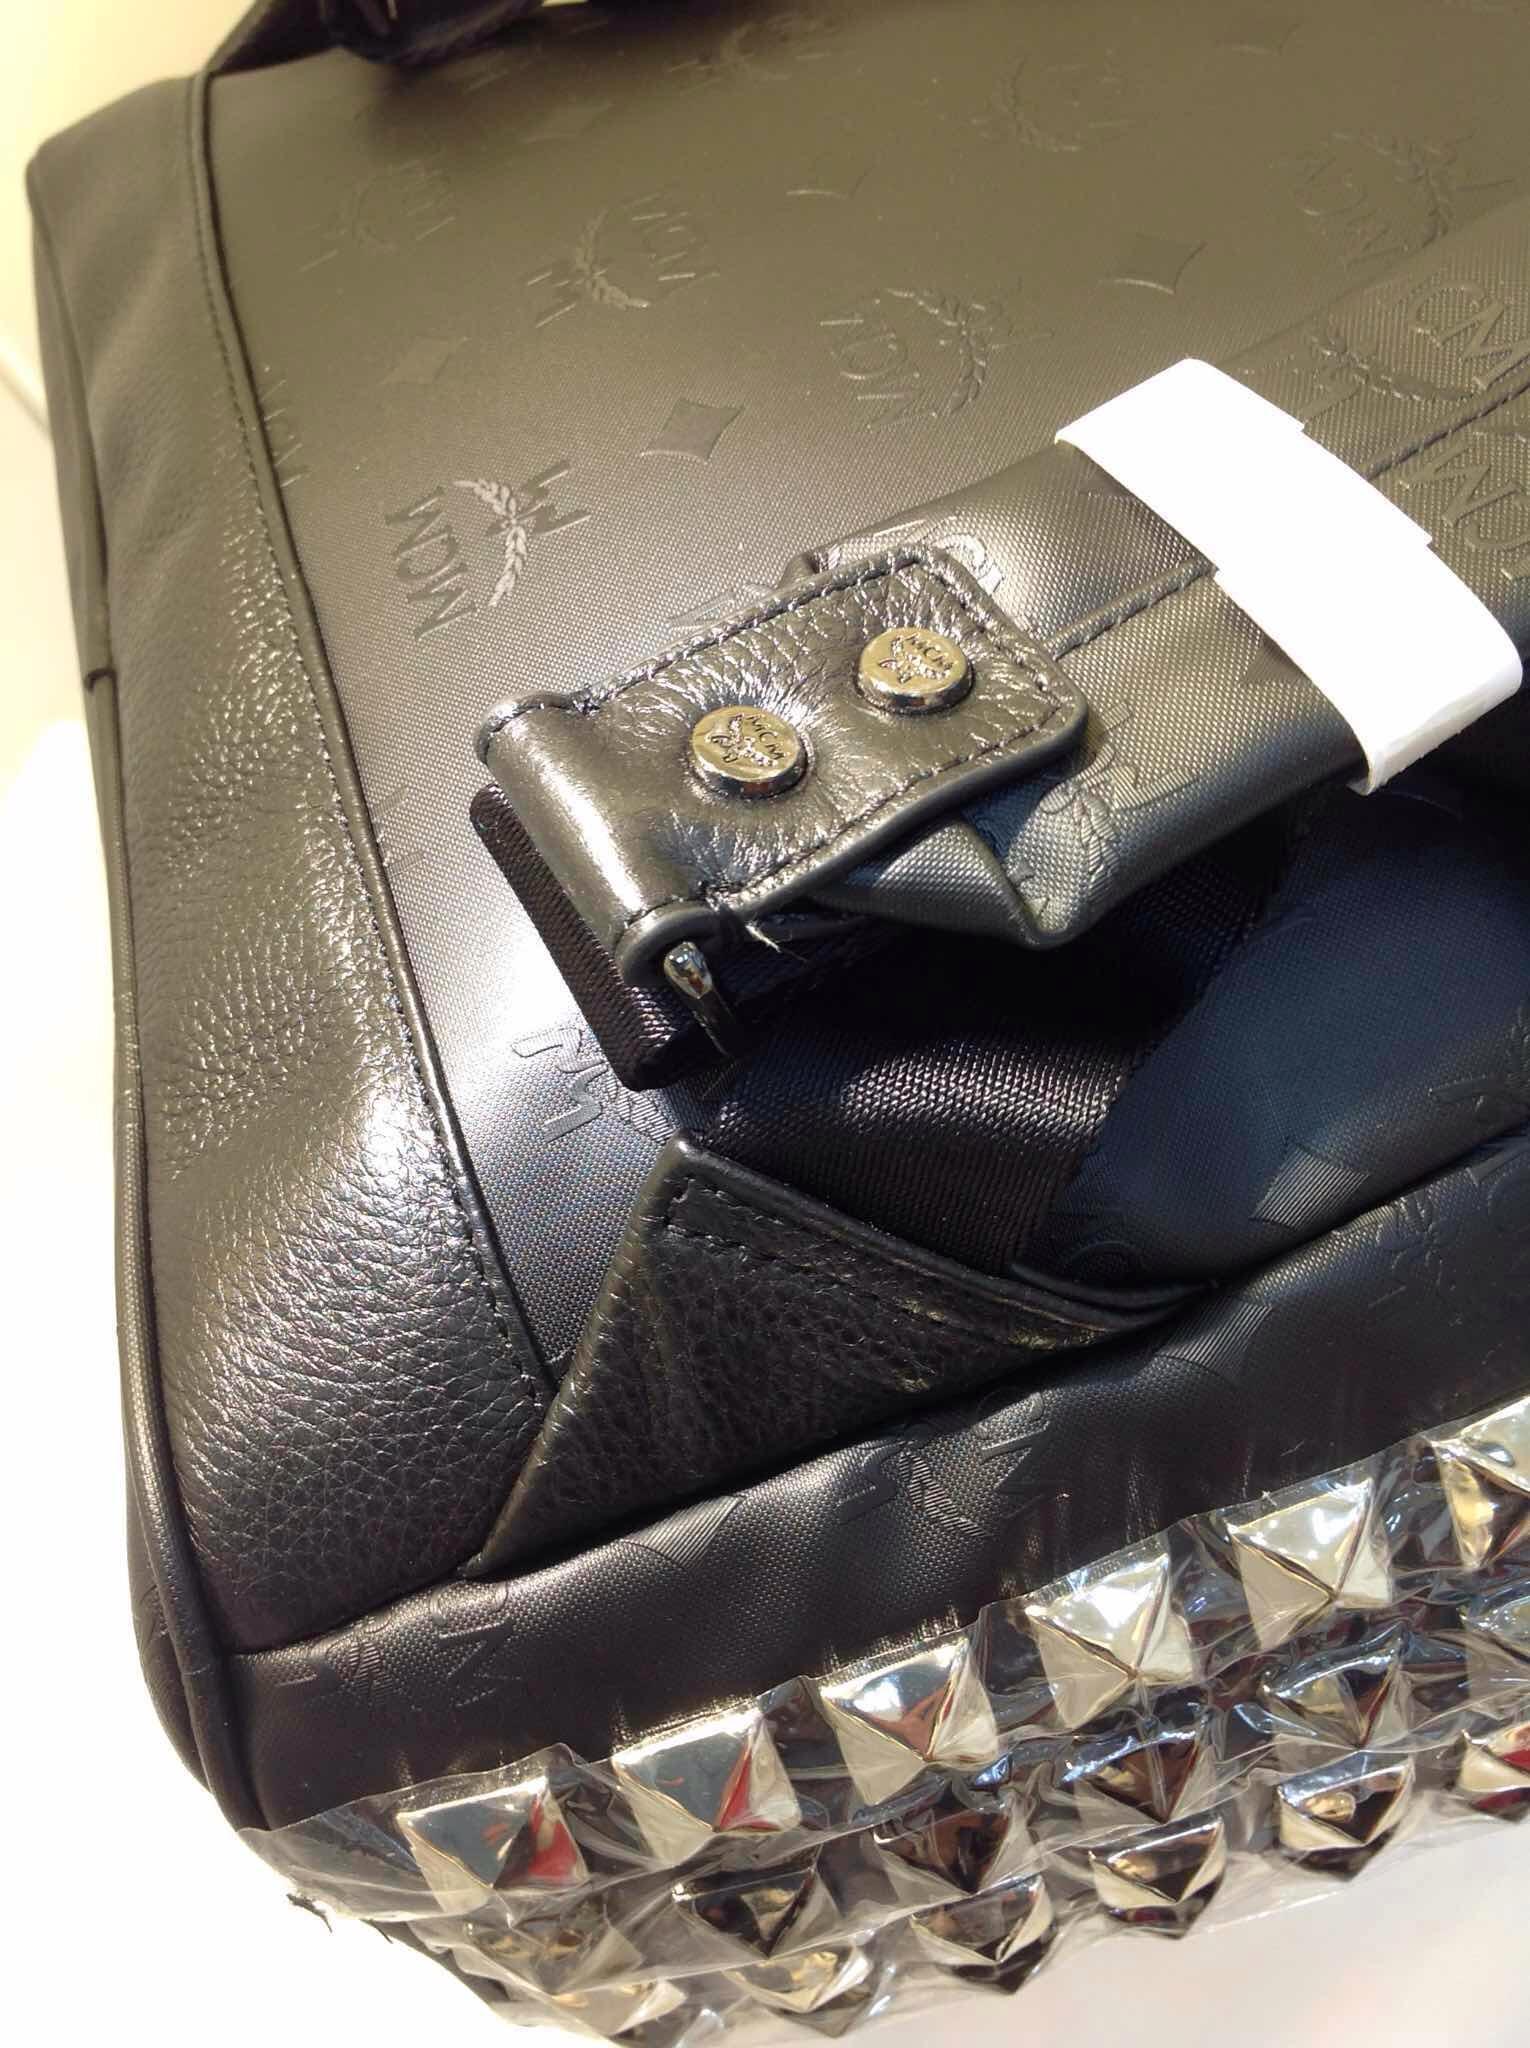 MCM 田亮款 黑色压纹 铅钉配银双肩包 PVC配牛皮中号